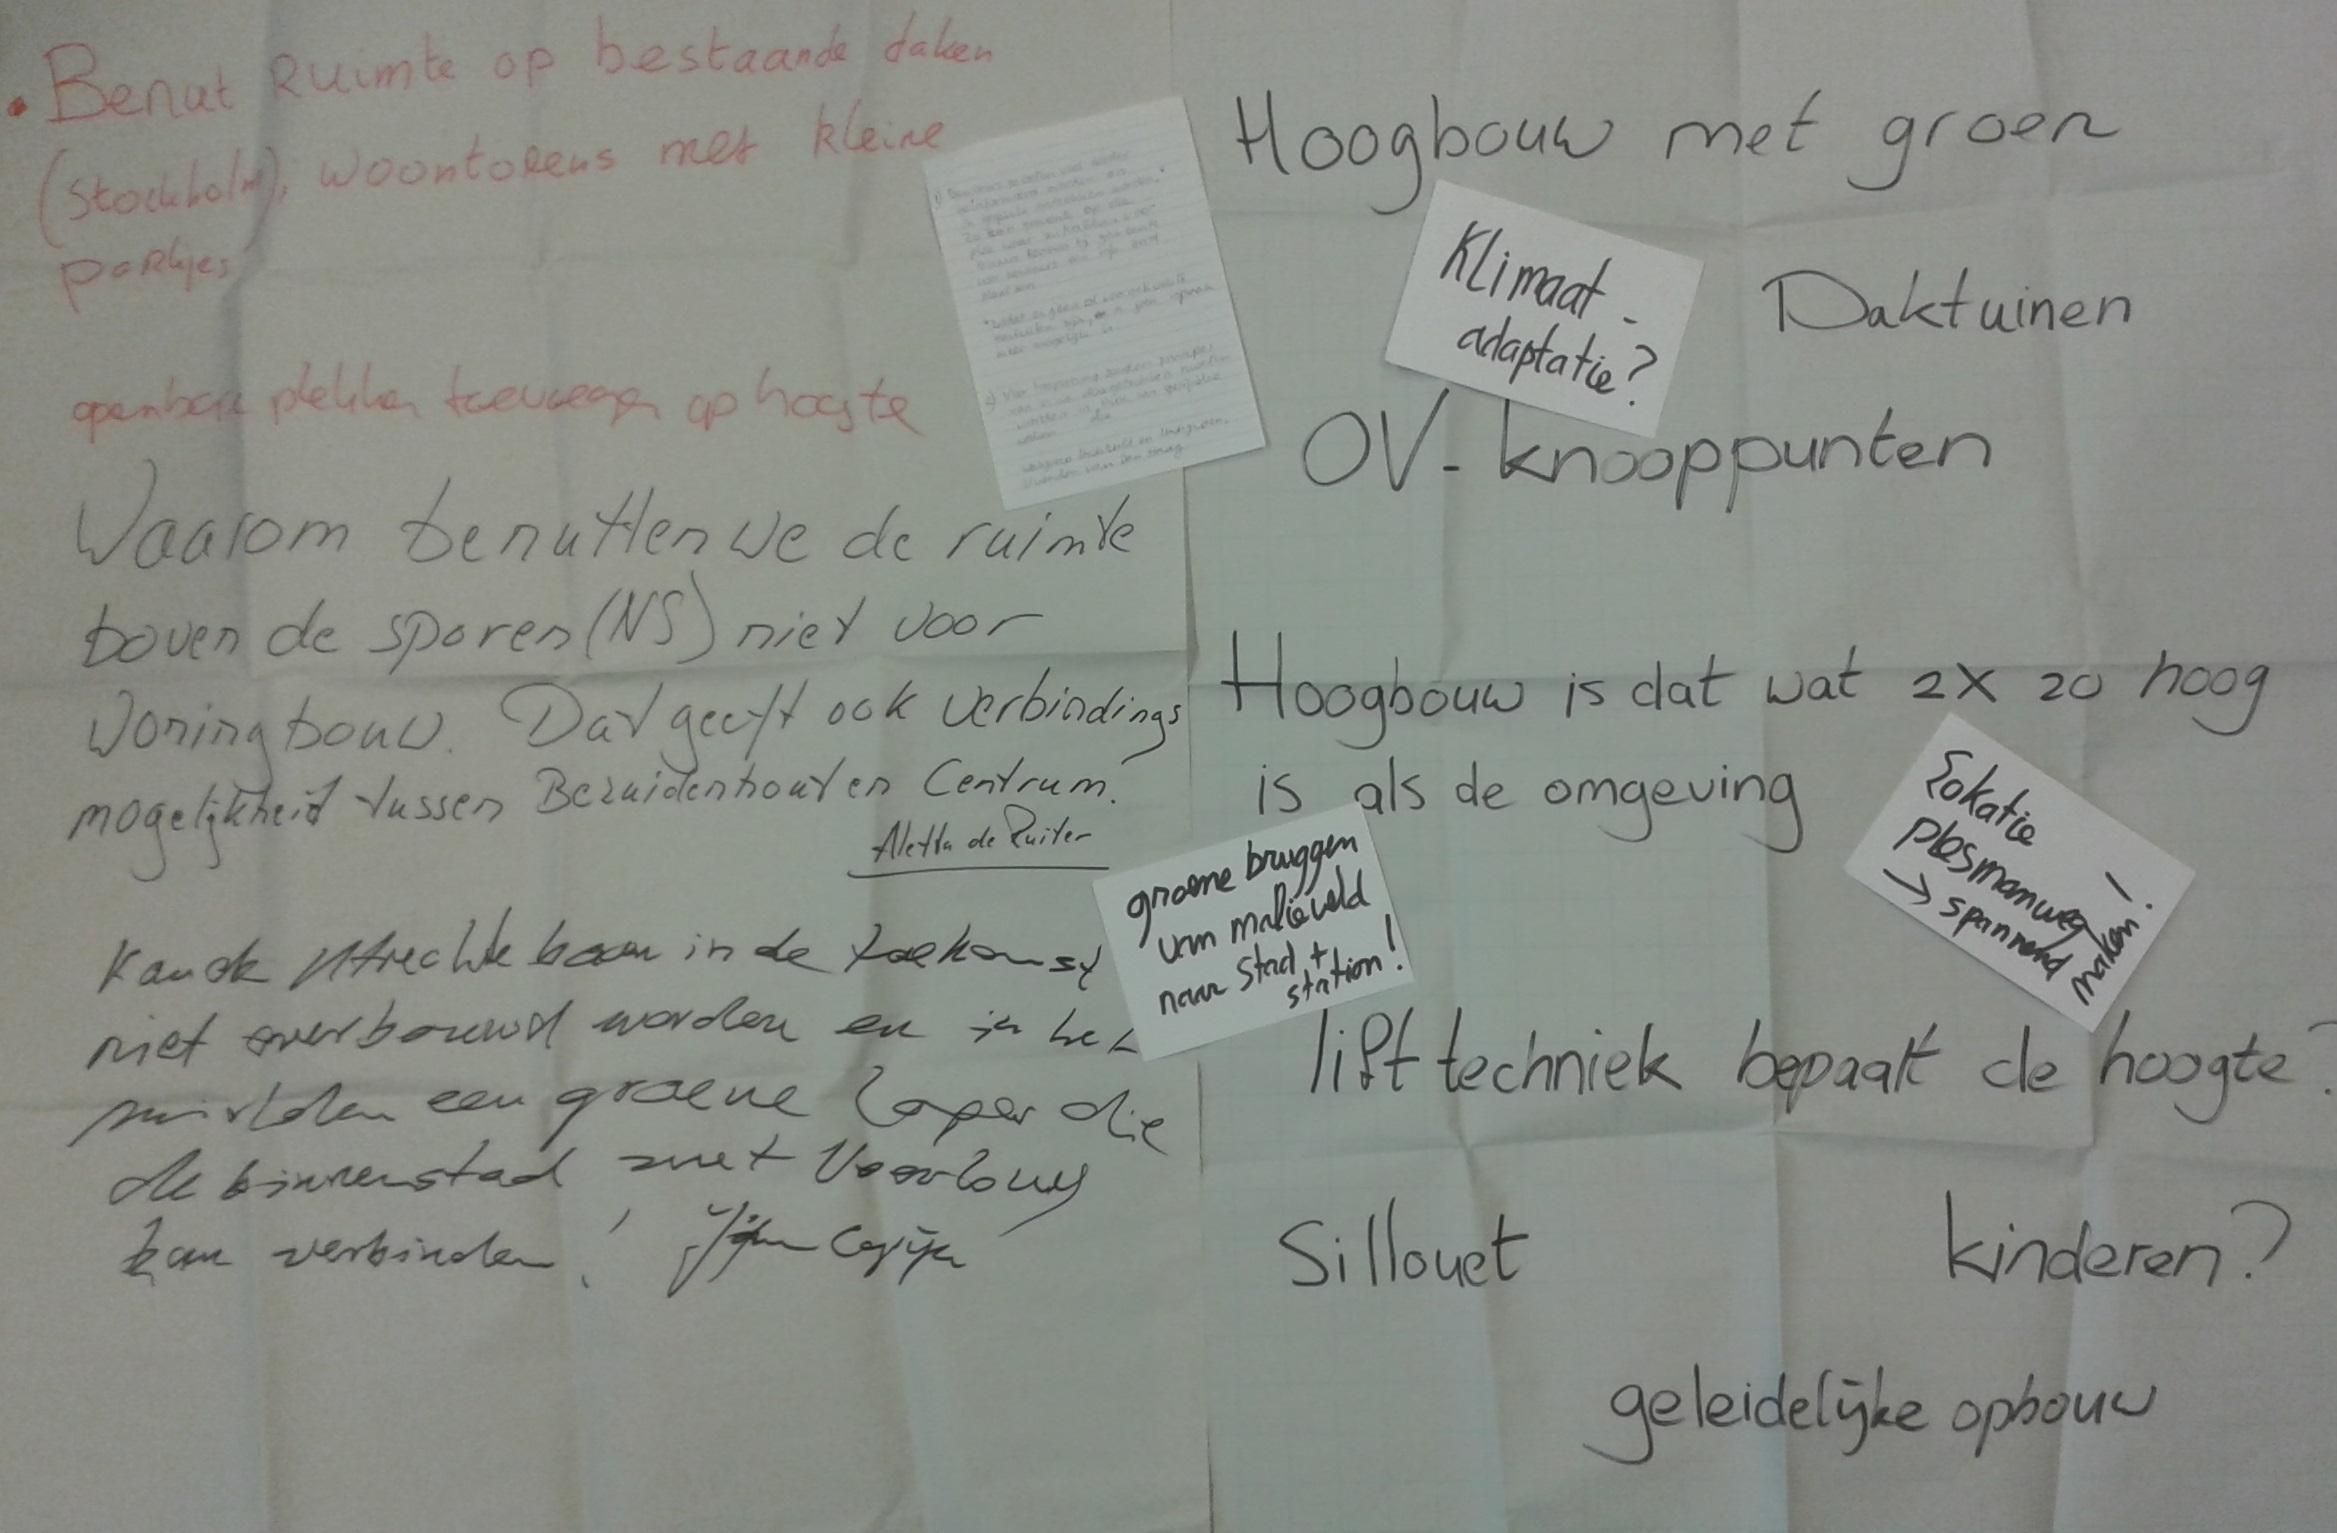 opmerkingen over hoogbouw door deelnemers STAD gesprek